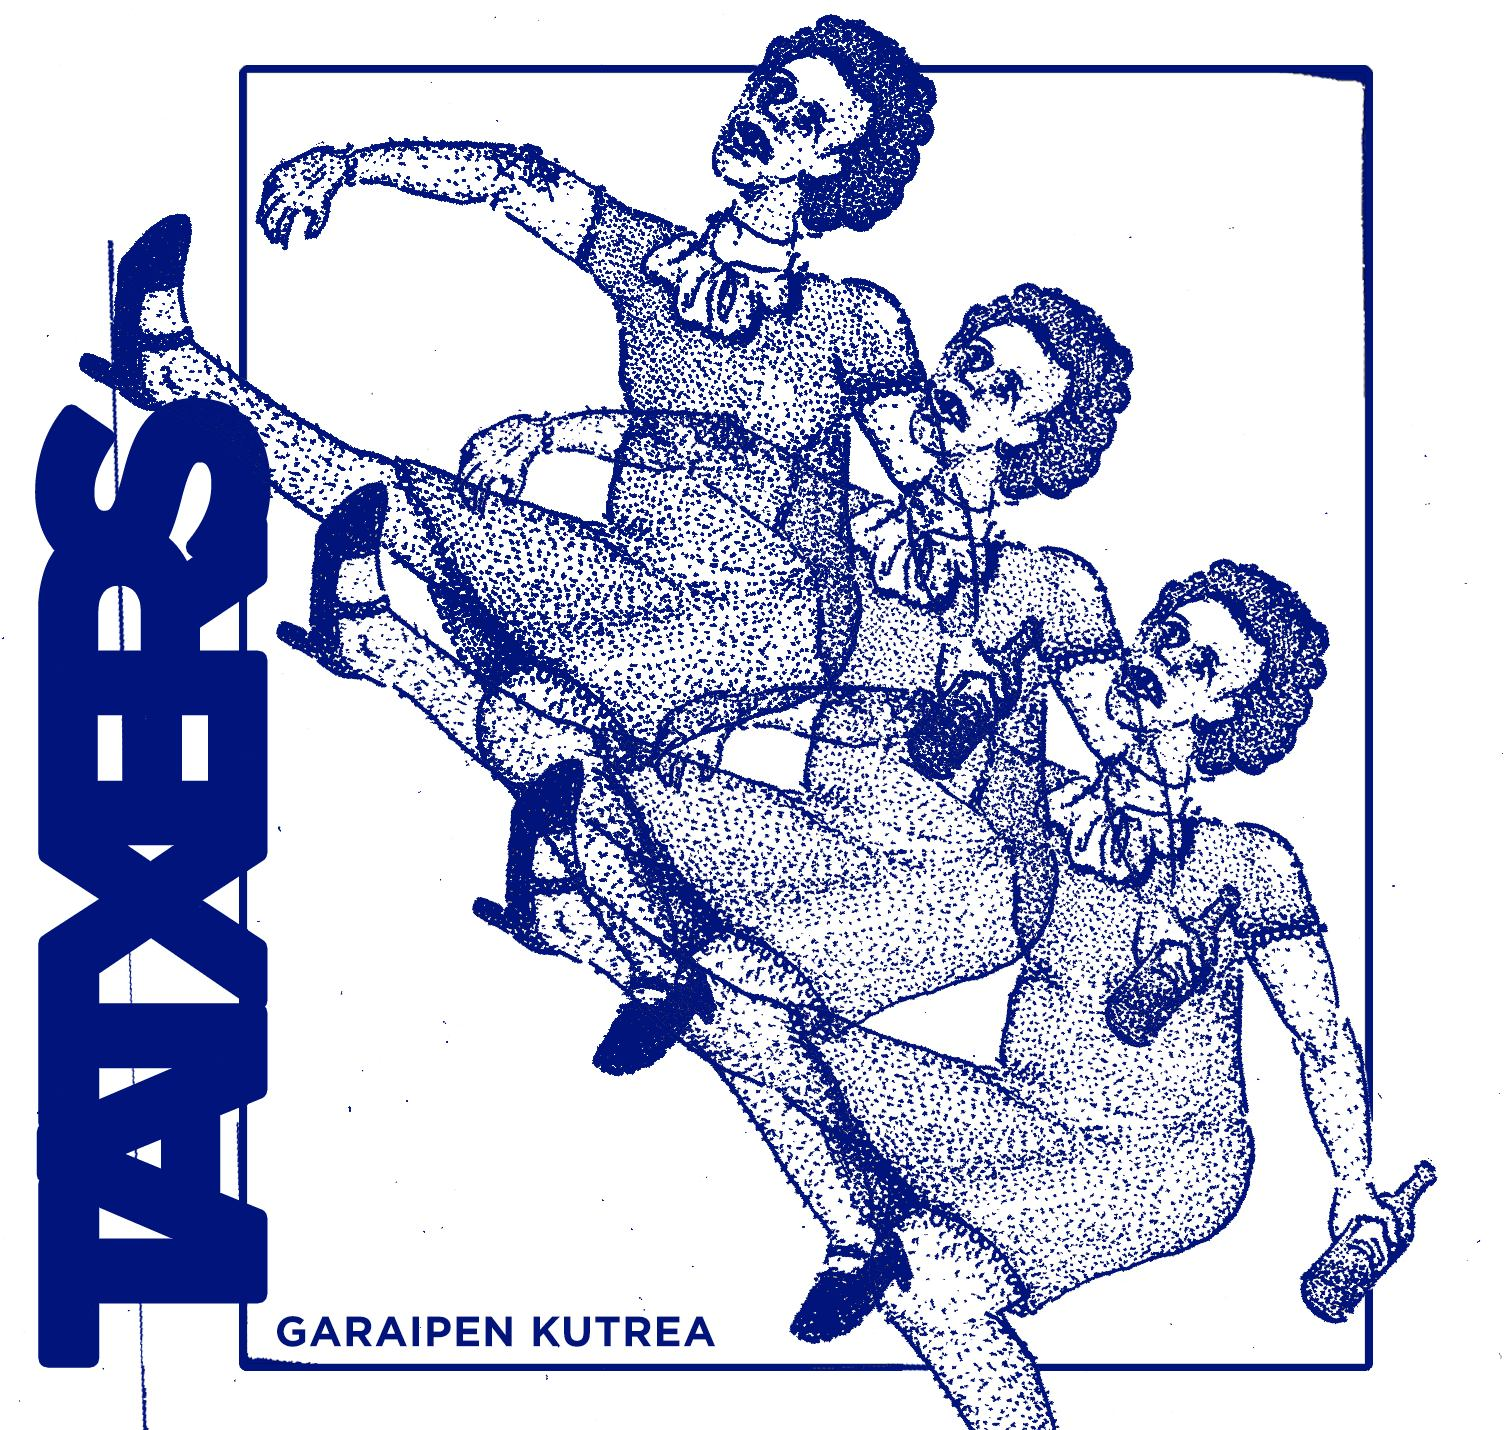 portada del album Garaipen Kutrea